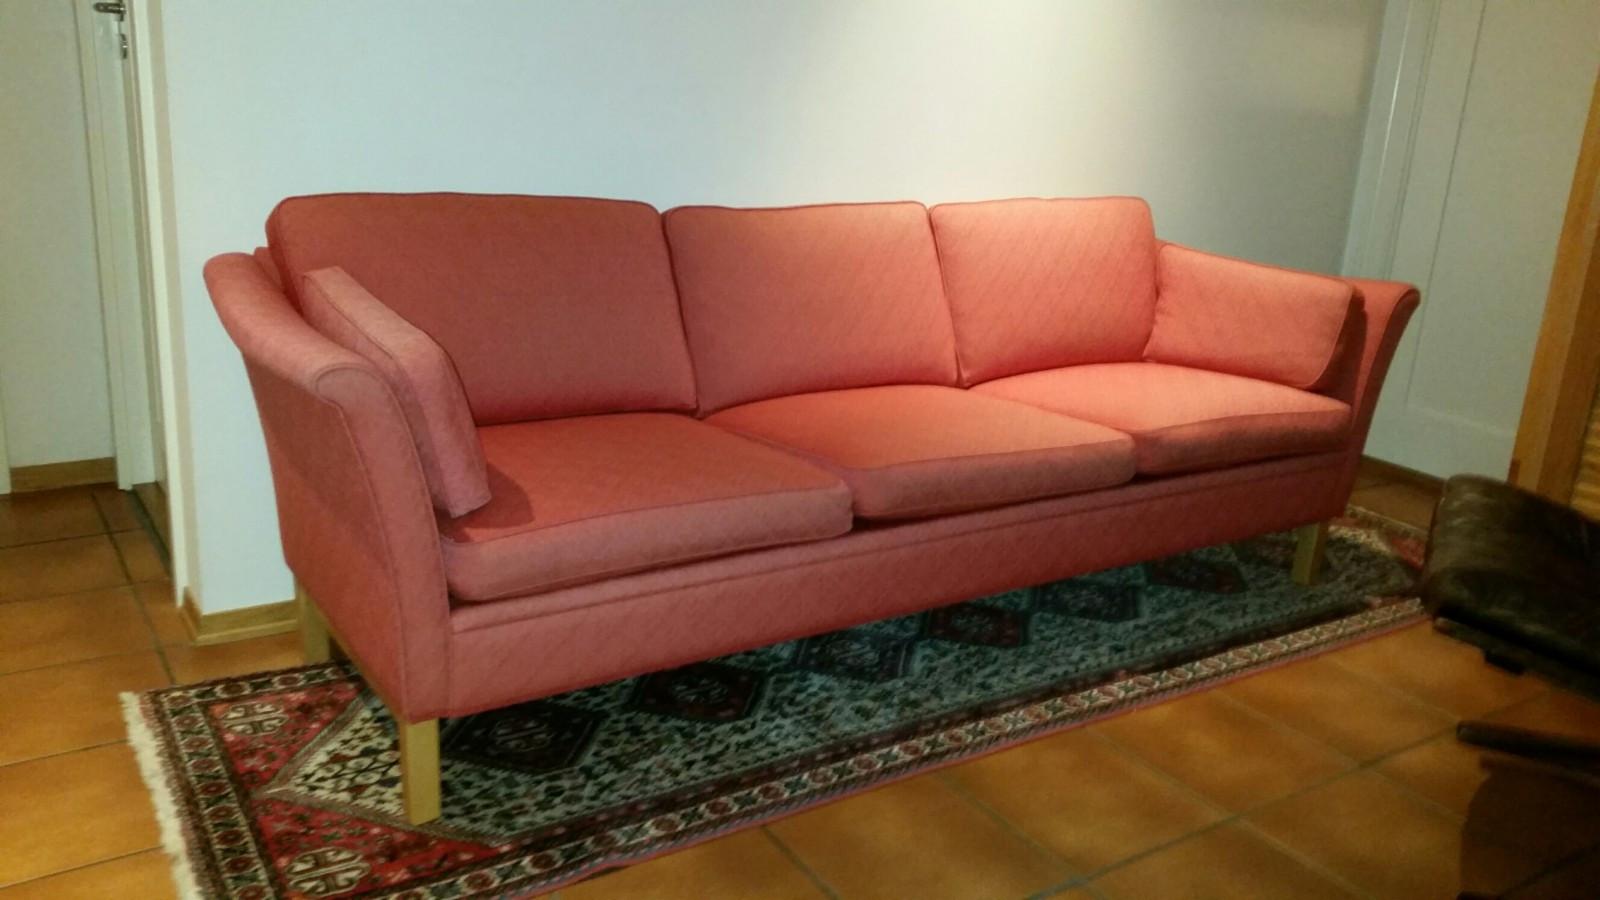 L.K.Hjelle Alberta sofa - Oslo  - Klassisk L.K.Hjelle Alberta sofa selges. Rødt ullstoff, vendbare puter. Fantastisk komfortabel. 3-seter, lengde 225cm - Oslo